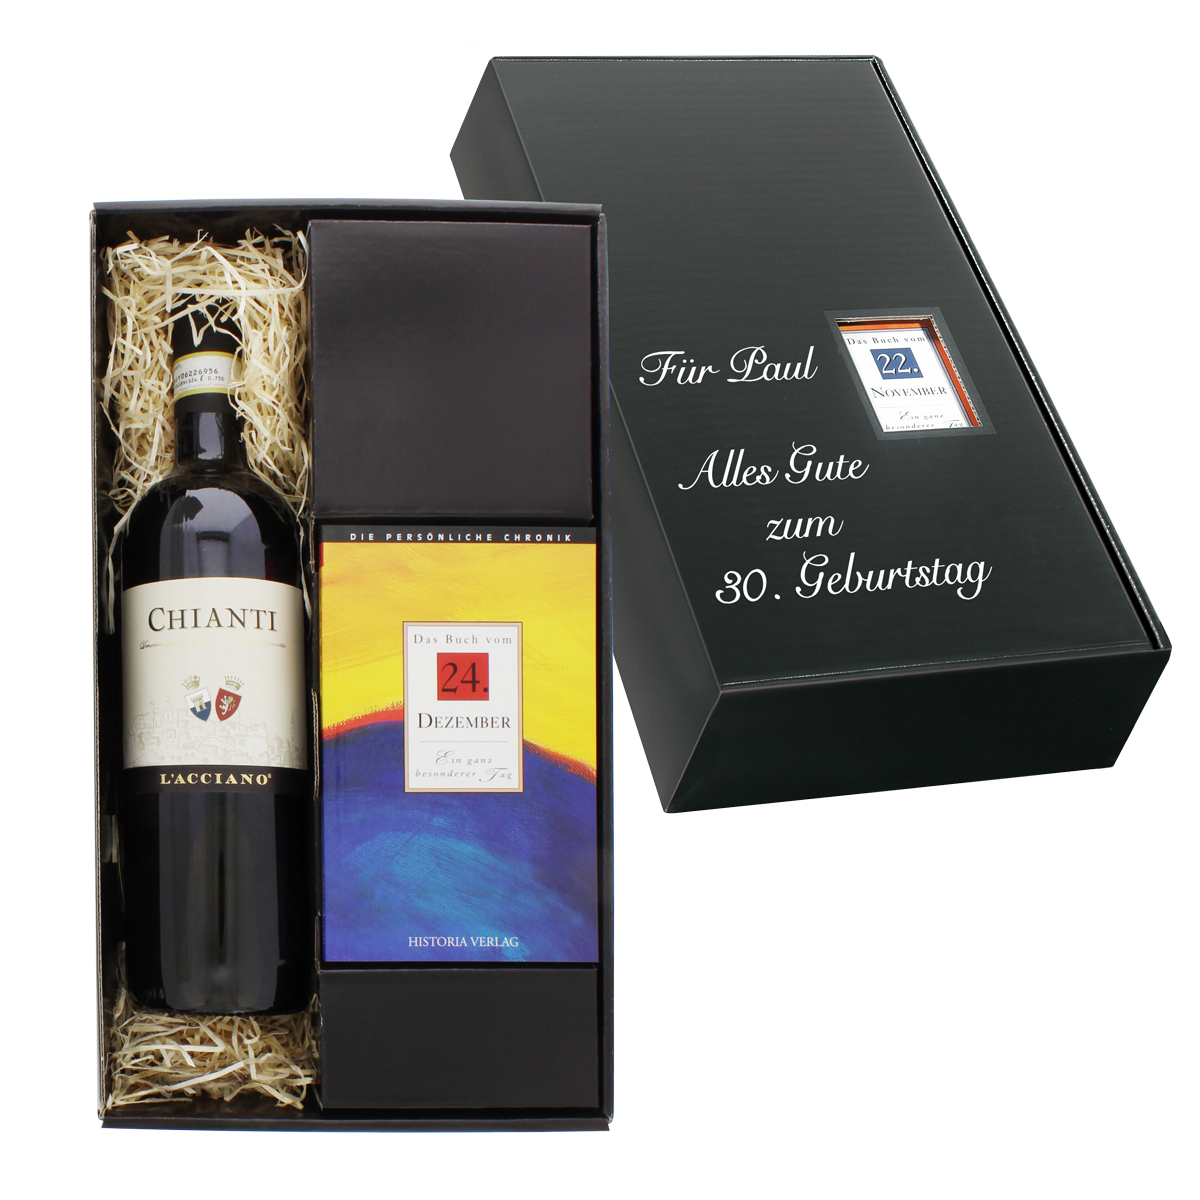 Italien-Set: Tageschronik vom 13. Dezember & Chianti-Wein